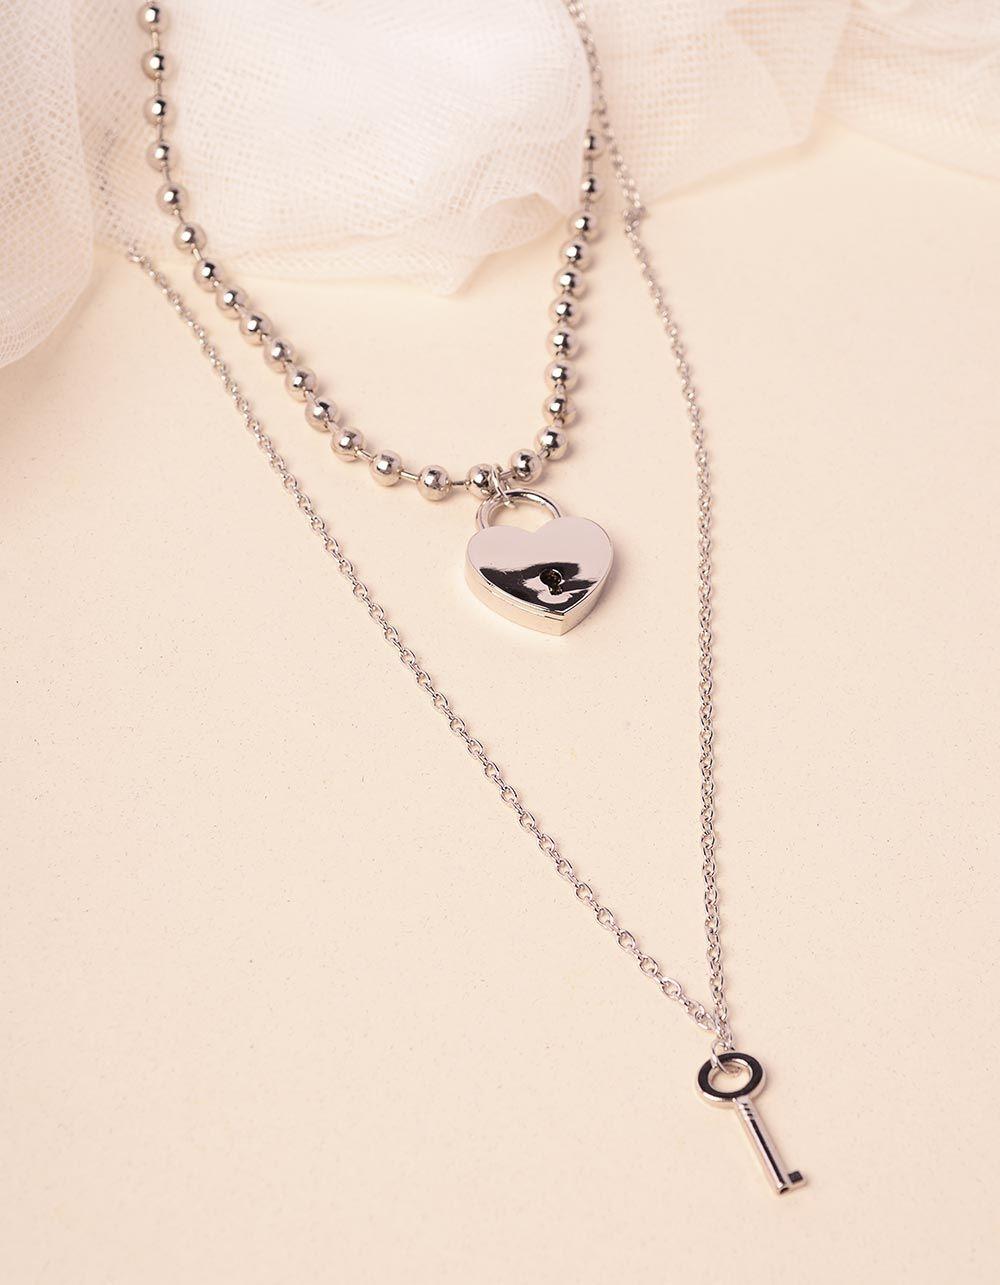 Підвіска подвійна з кулонами у вигляді ключа та серця | 240116-05-XX